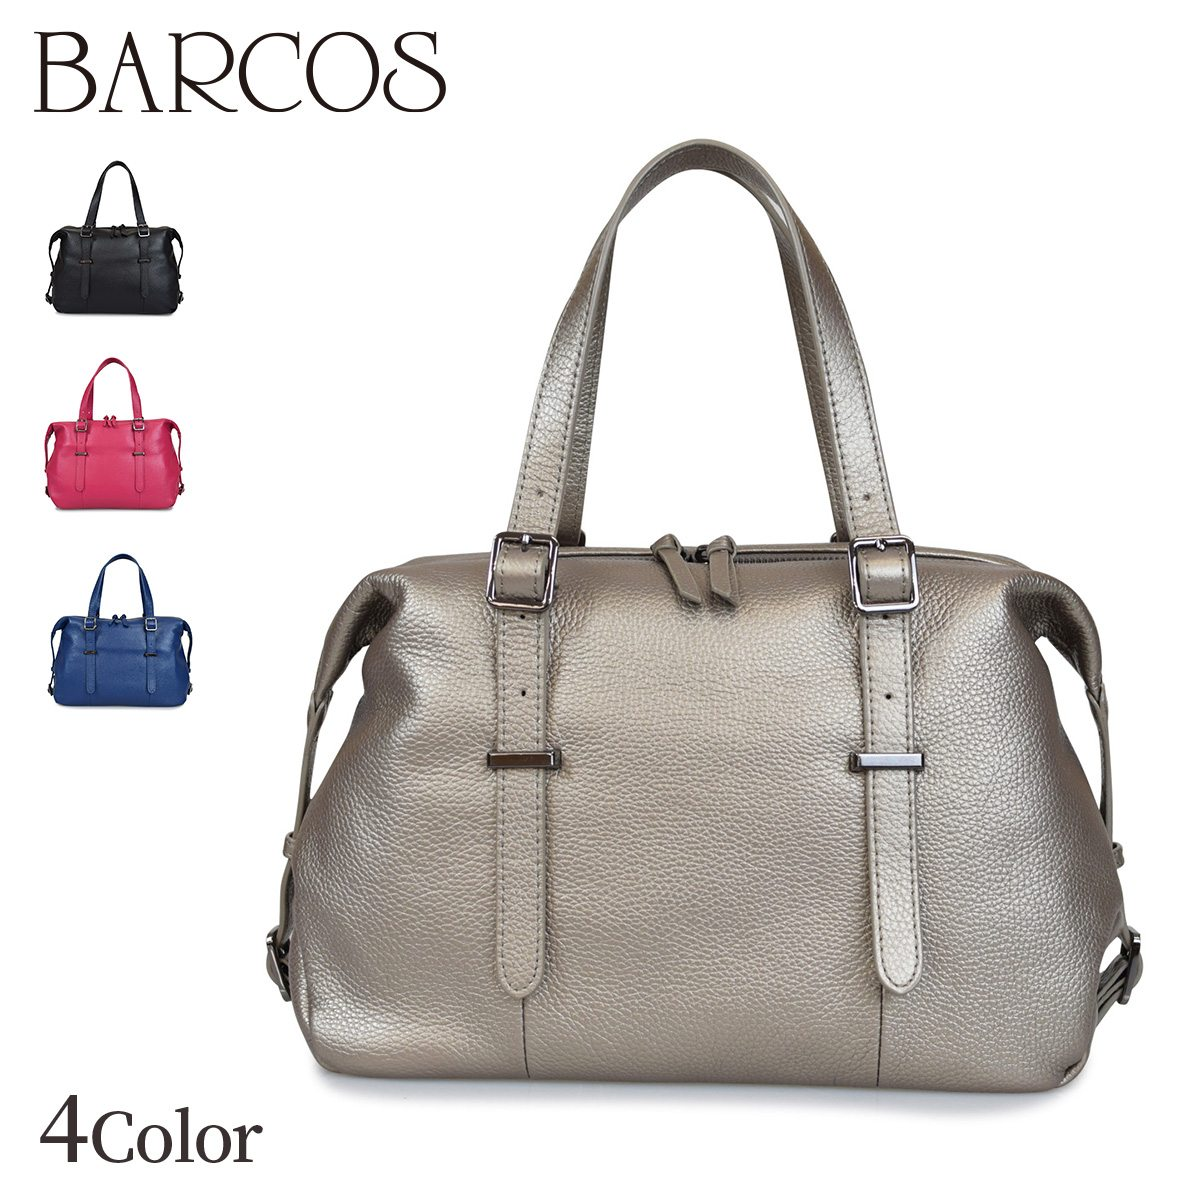 【送料無料】 バルコス レザー 本革 ハンドバッグ ショルダーバッグ シュリンクレザー 2way 夏 サマーバッグ BARCOS